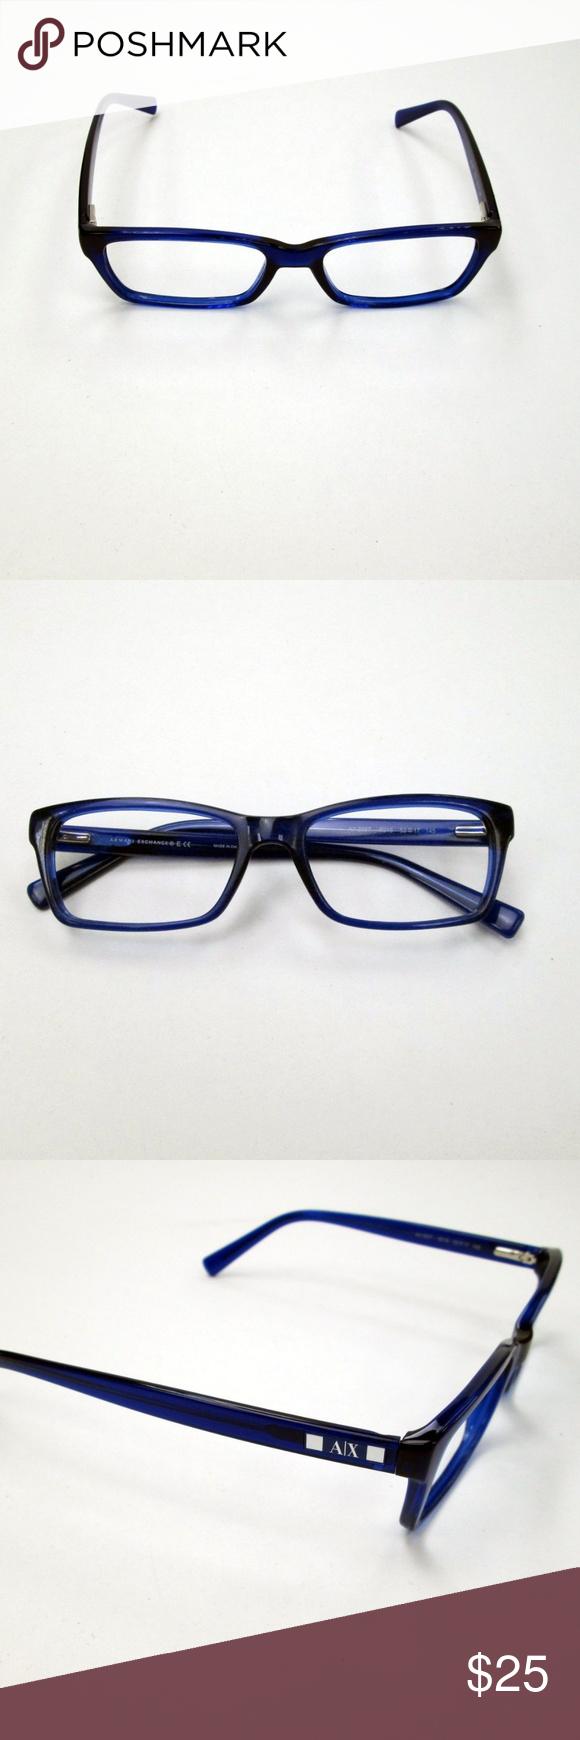 005c373ed18 Armani Exchange AX3007 Mens Eyeglasses DAE234 Armani Exchange AX3007 Womens  Eyeglasses DAE234 Frame is in Good Condition